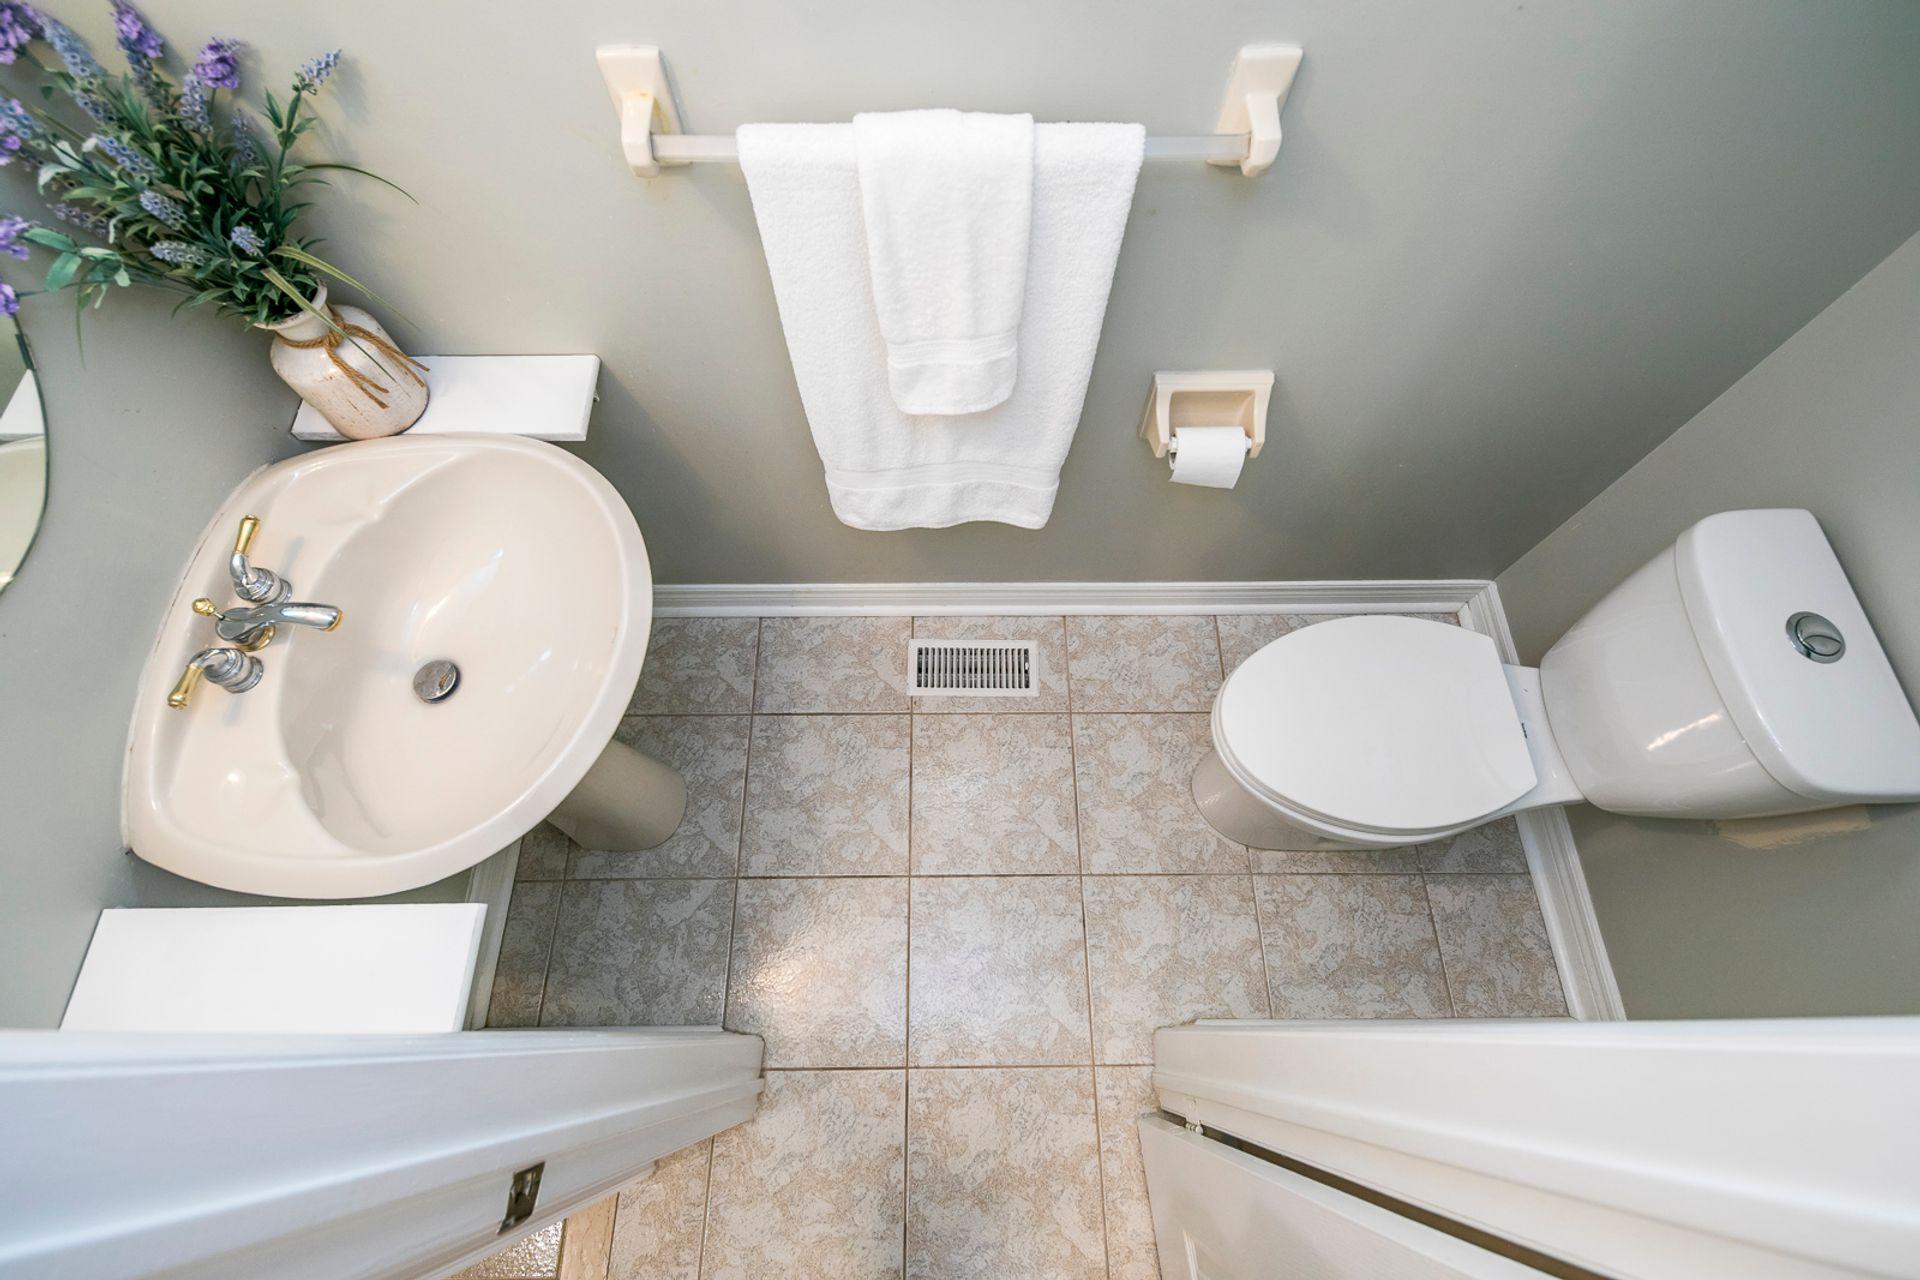 Powder Room - 5156 Heatherleigh Ave, Mississauga - Elite3 & Team at 5156 Heatherleigh Avenue, East Credit, Mississauga